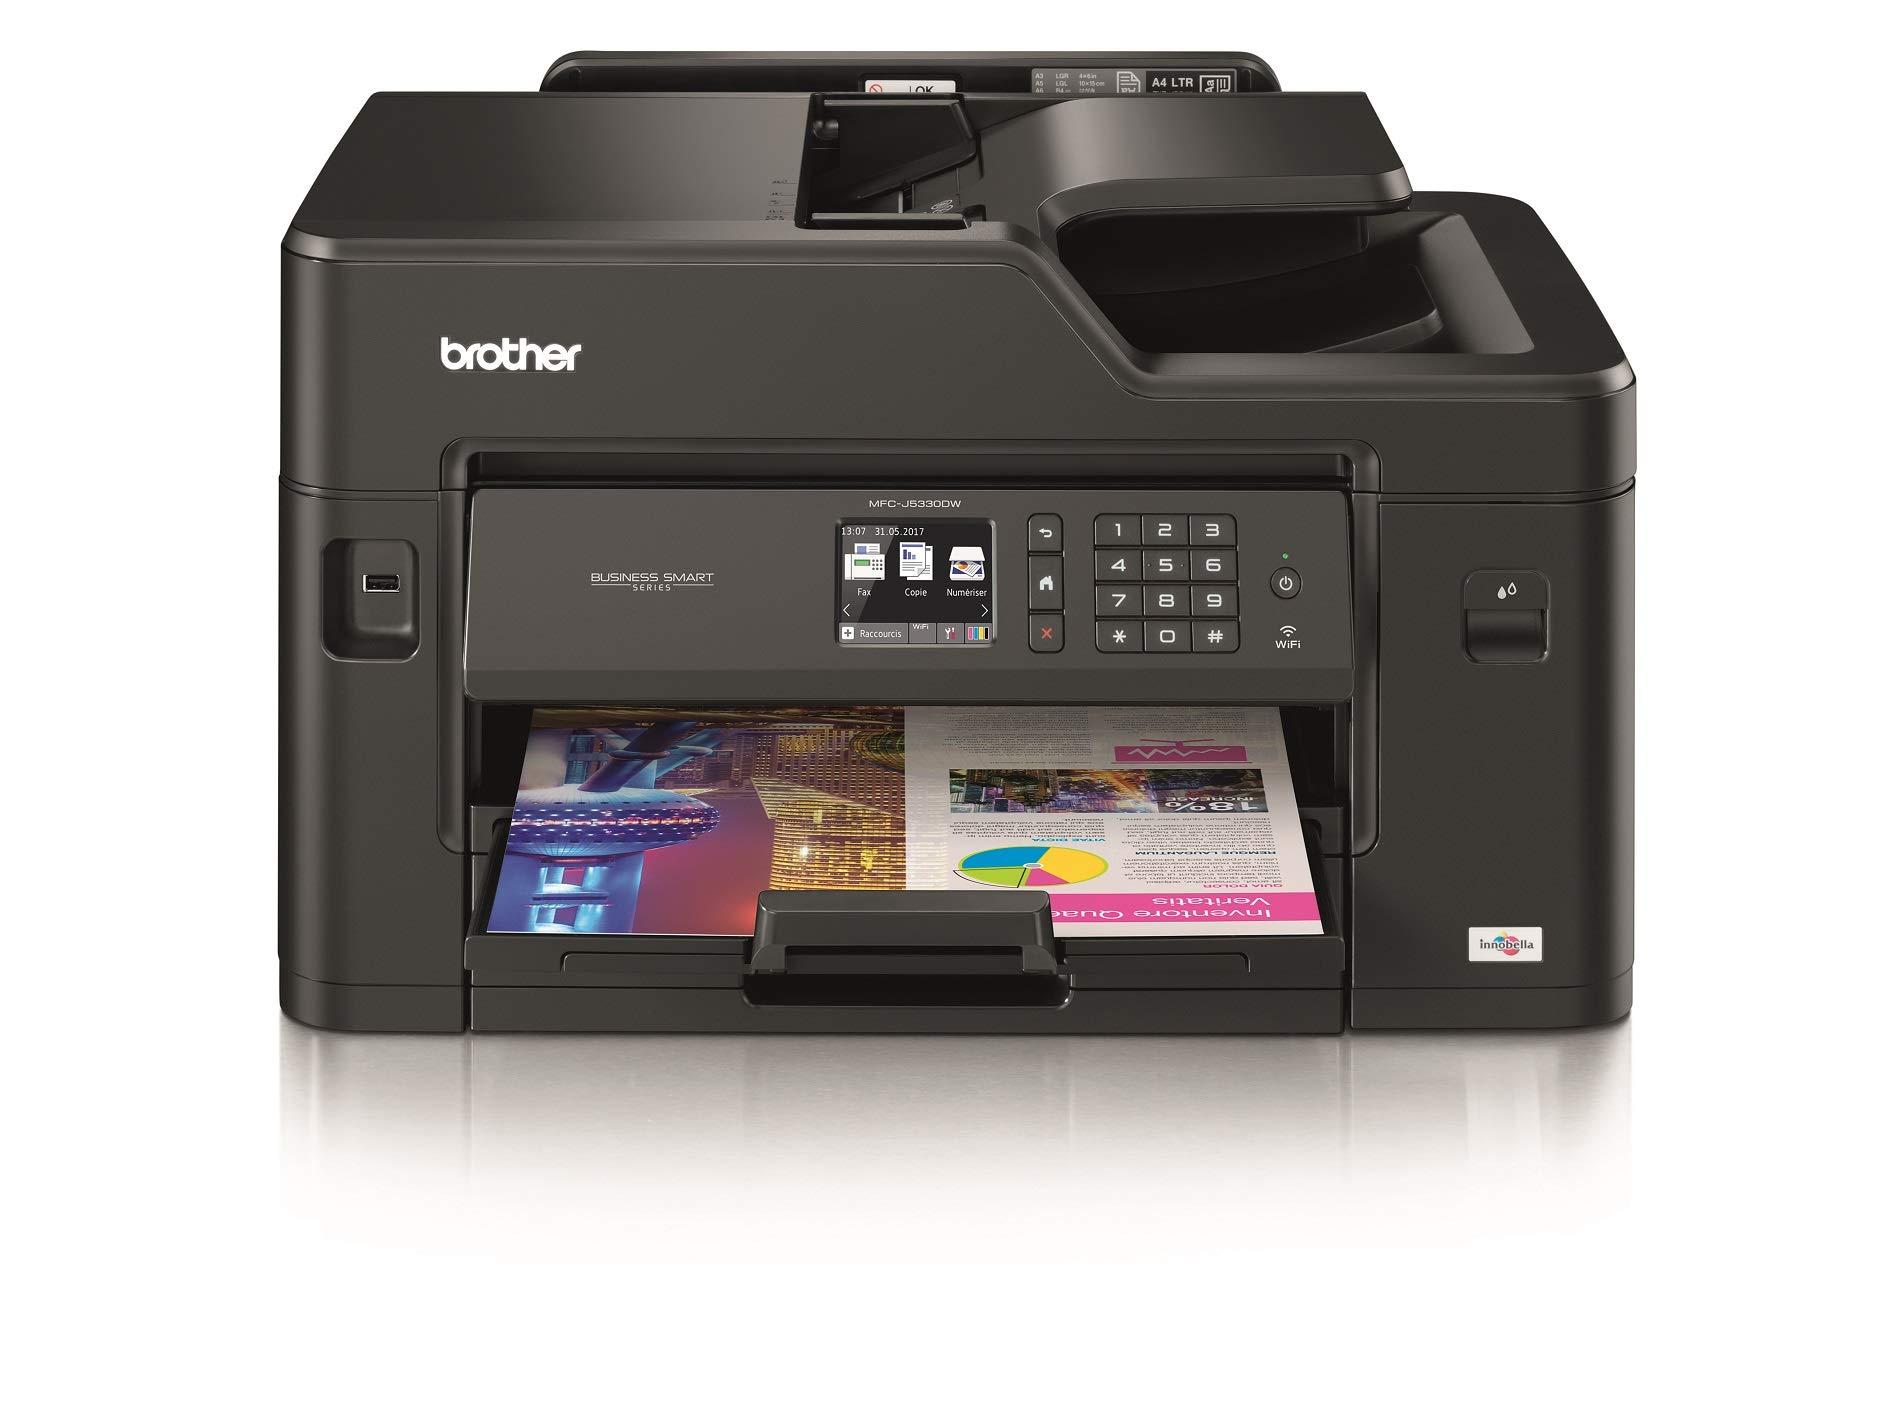 Top Imprimantes Multifonction Selon Les Notes Amazon Fr